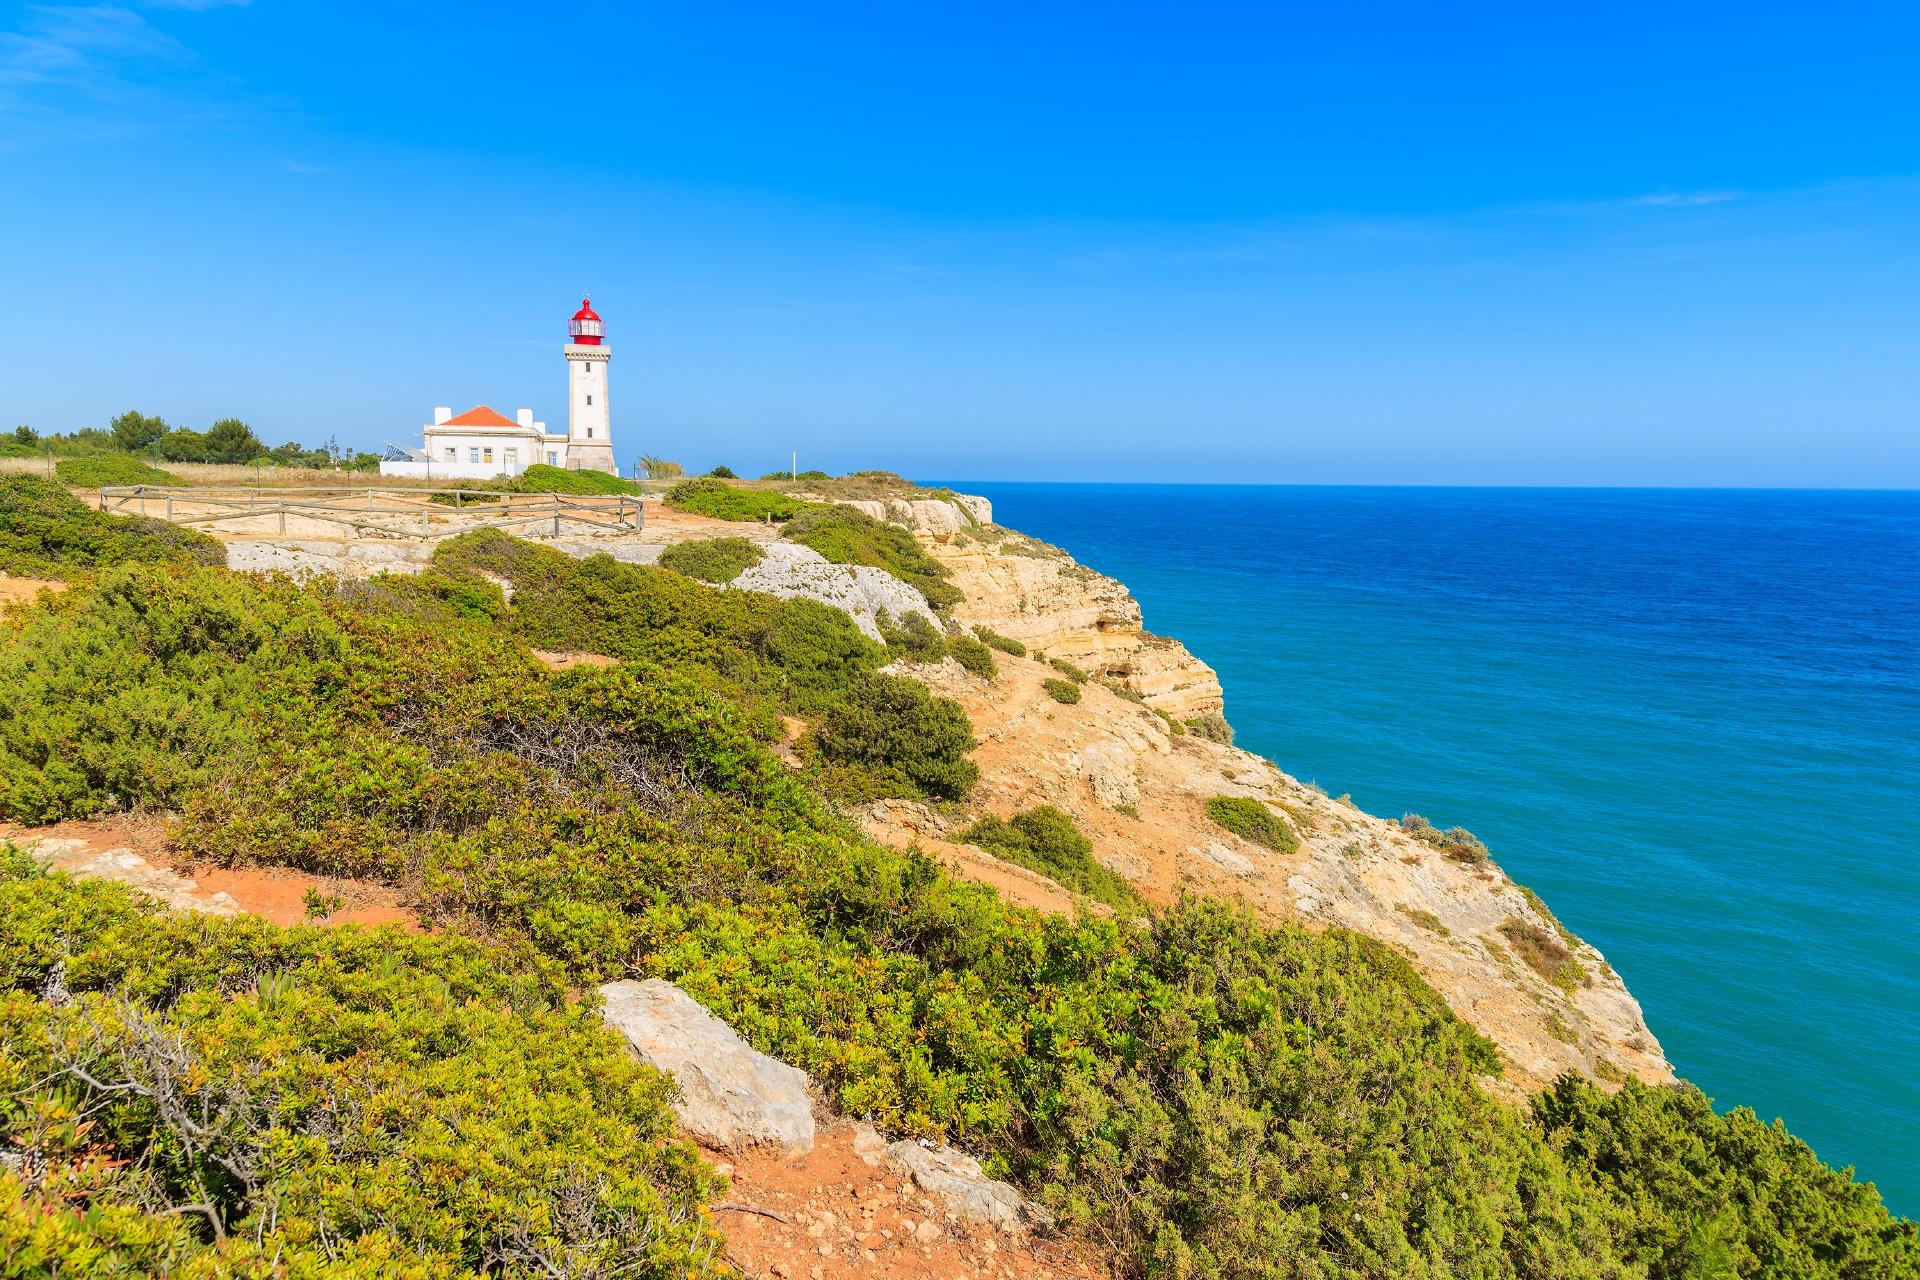 灯台と青い海 ポルトガルの風景